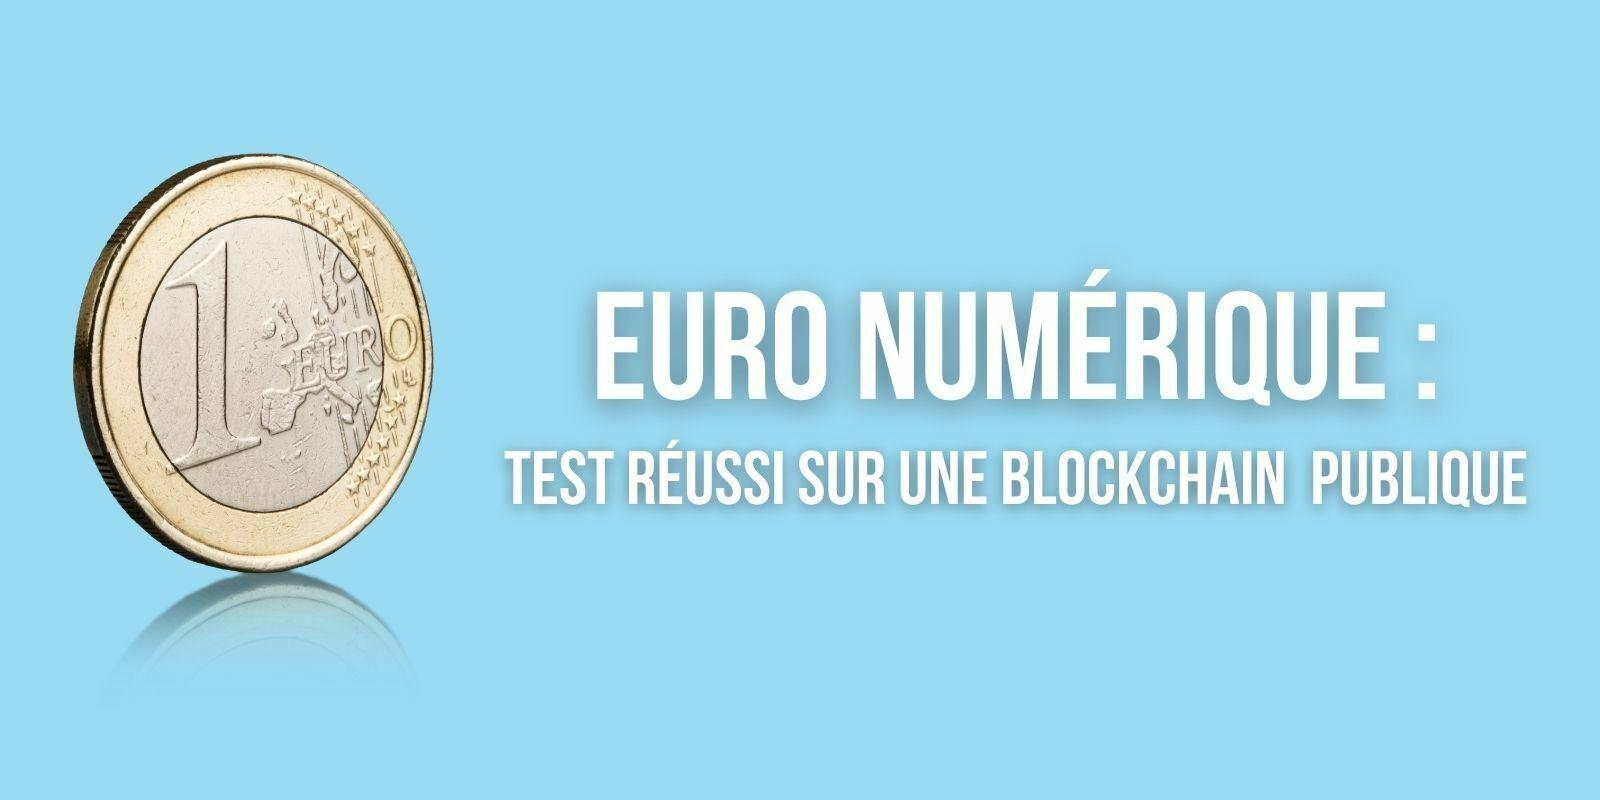 La Banque de France annonce un nouveau test réussi de l'euro numérique